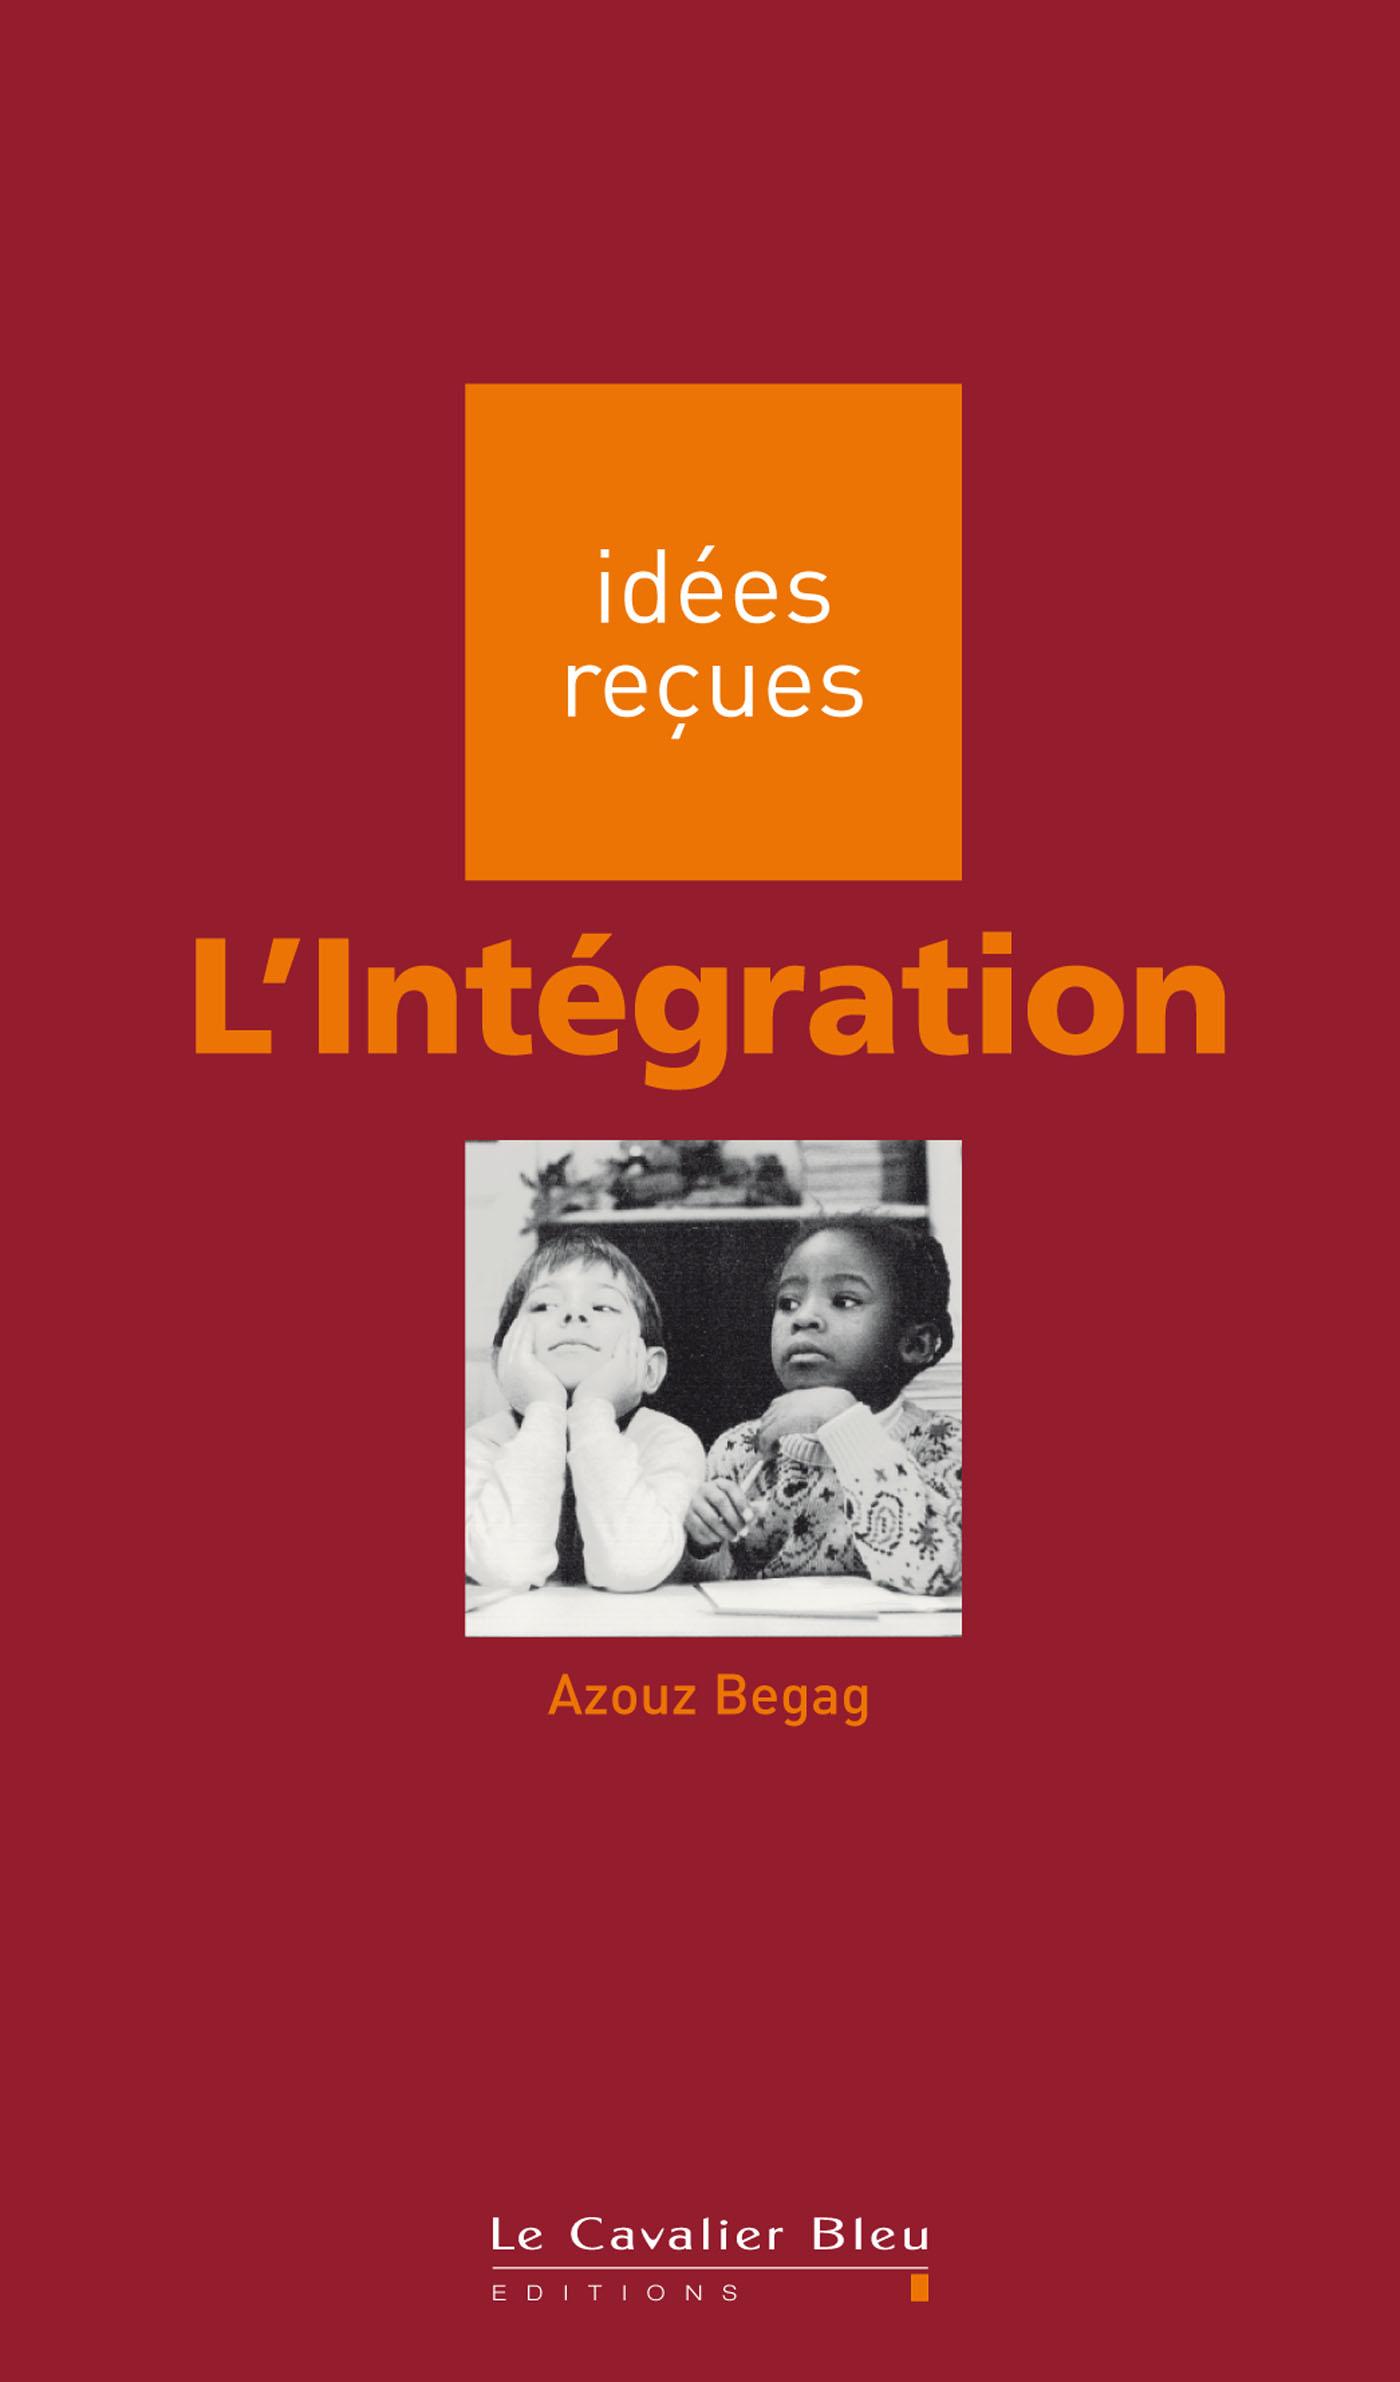 L'Intégration